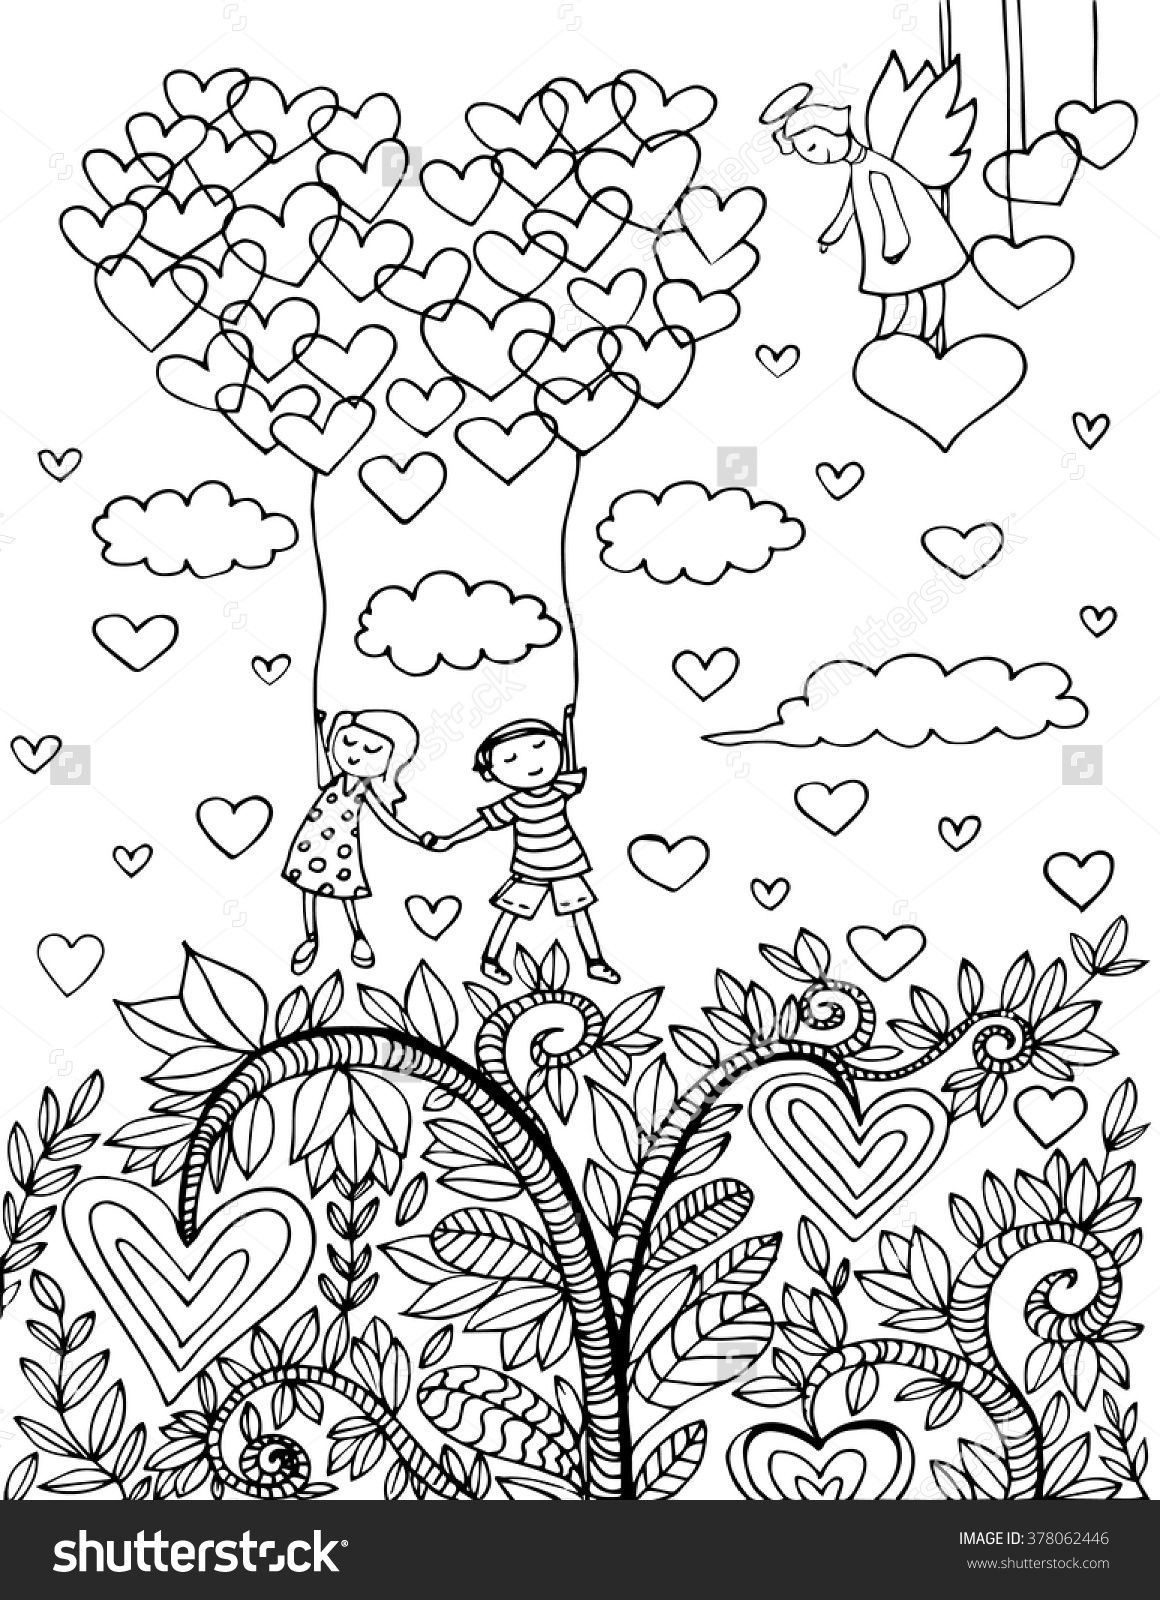 Pin de Patricia Iannone en Diseños - Enamorados | Pinterest ...